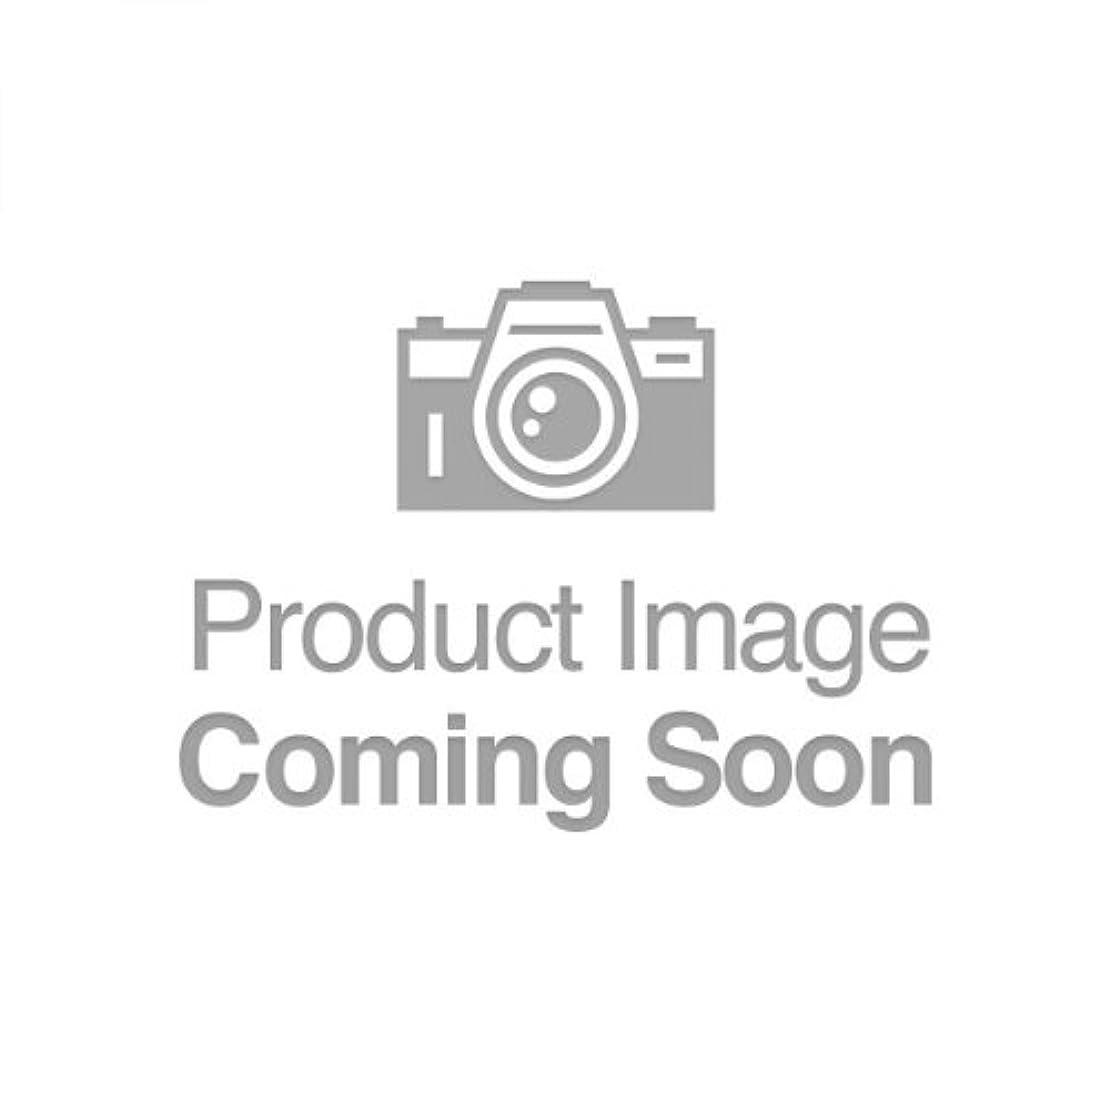 平方権限フェローシップネイチャーズゲート ホホバ(JO)コンディショナー [海外直送品]